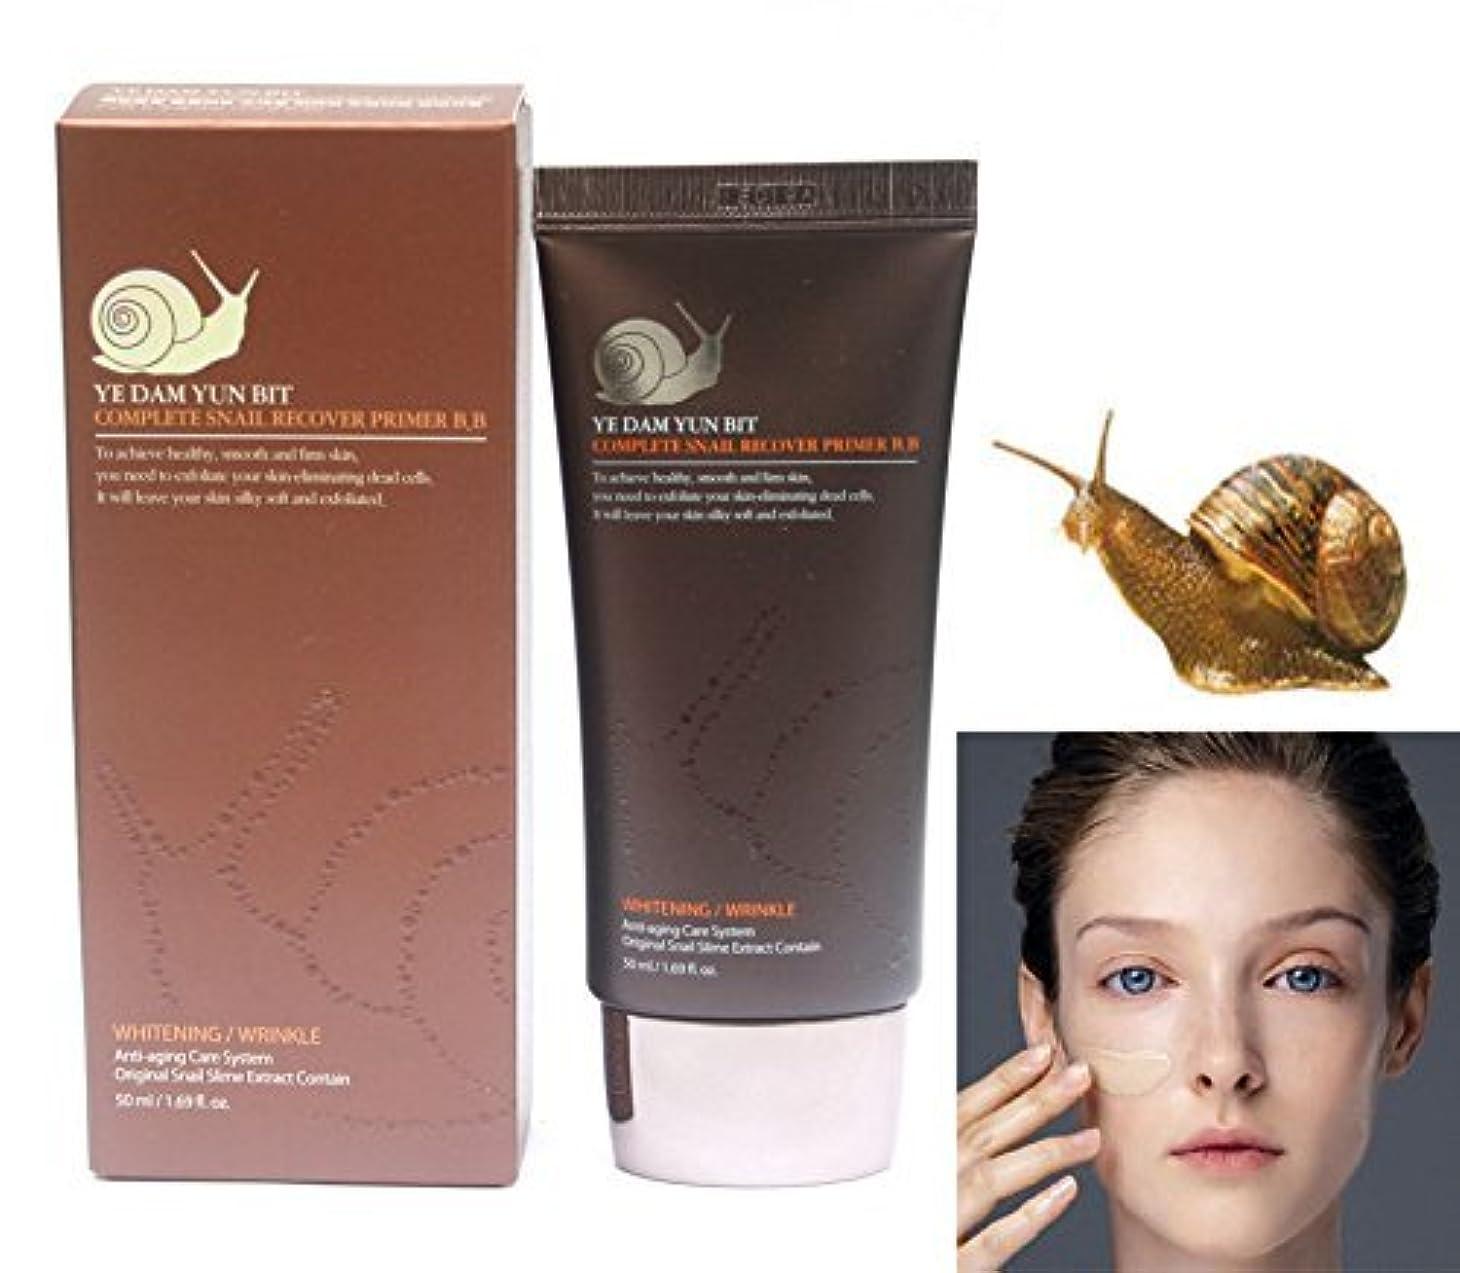 彼女マージ空[YEDAM YUNBIT] 完全なカタツムリ?リカバリー?プライマーBB 50ml /韓国化粧品 / Complete Snail Recover Primer BB 50ml / Korean Cosmetics (...